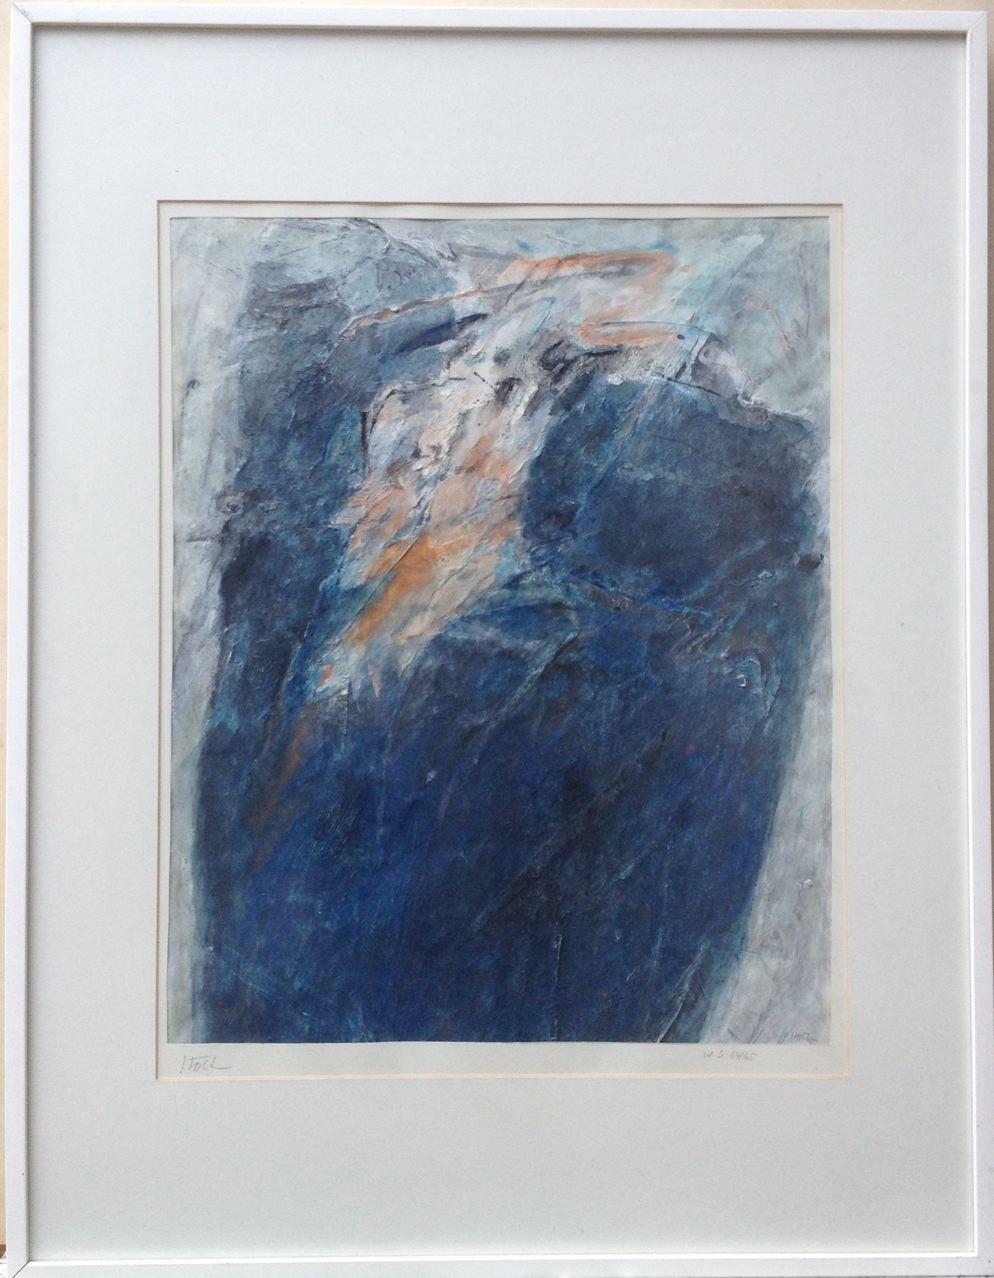 Ohne Titel, Gouache, 85 x 65 cm (mit Rahmen), 1965 (#612)